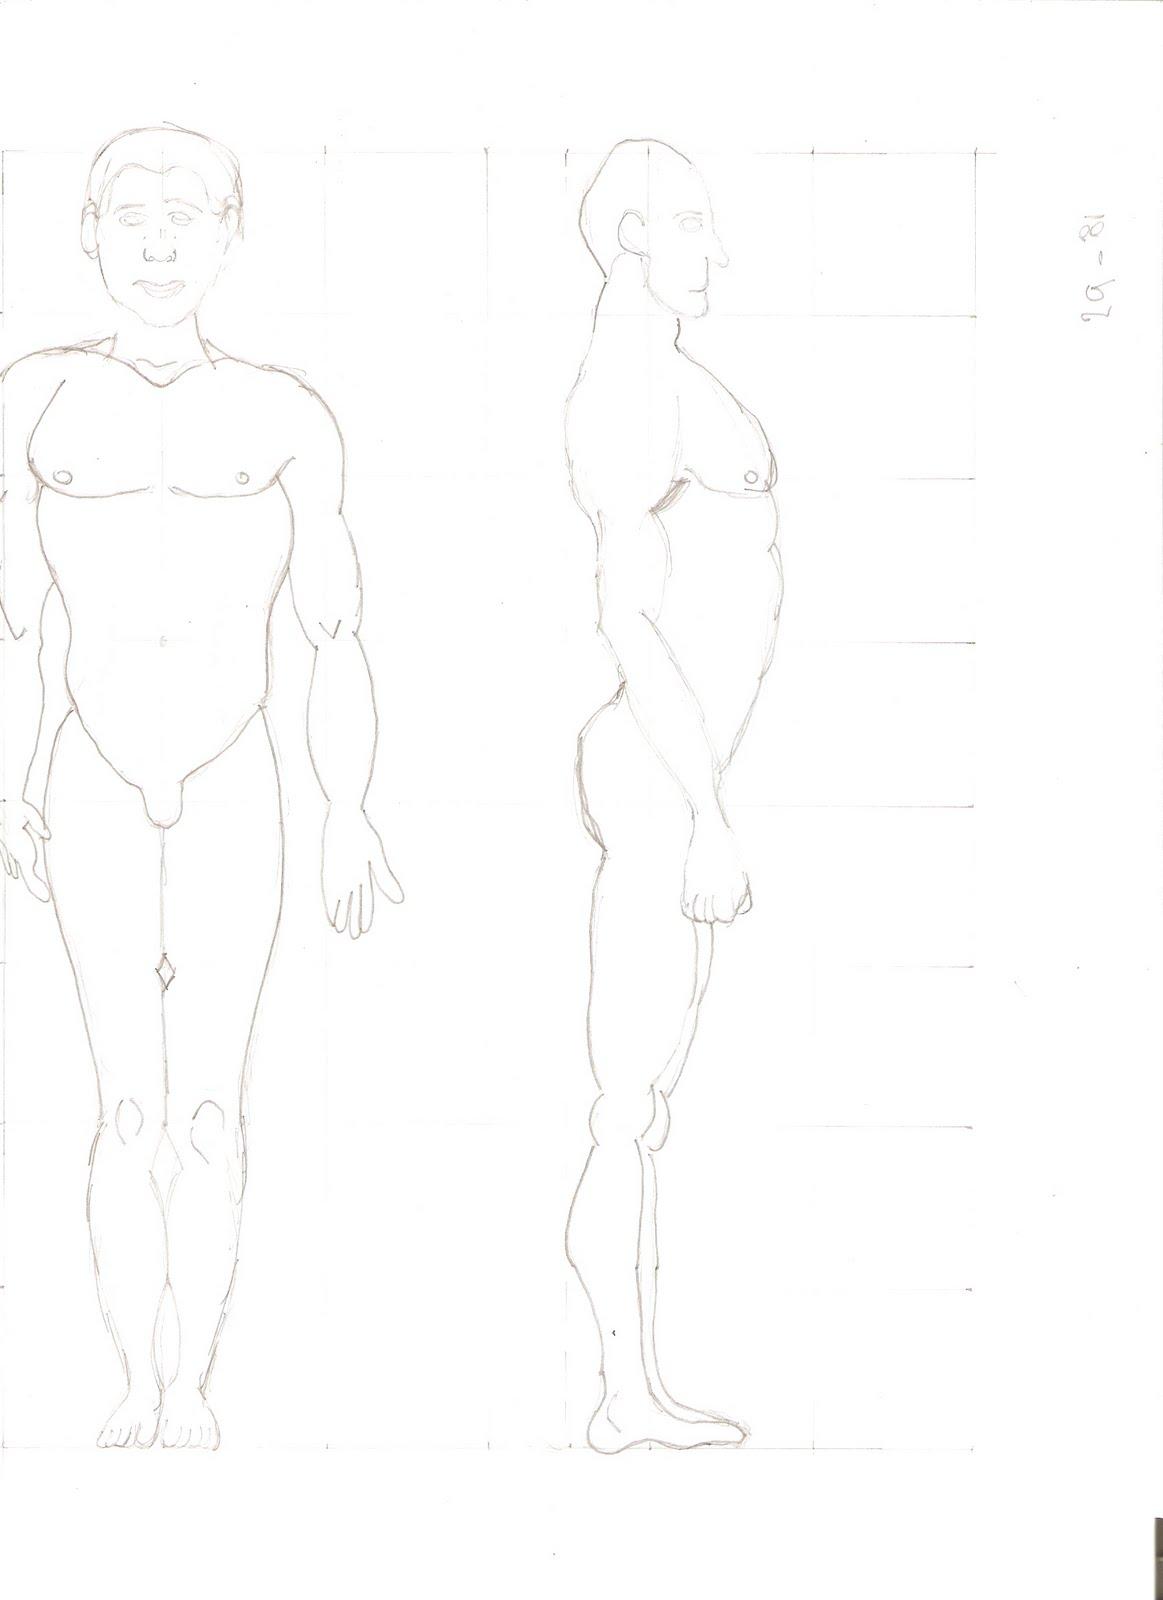 Bitacora Artes: Cuerpo humano entero